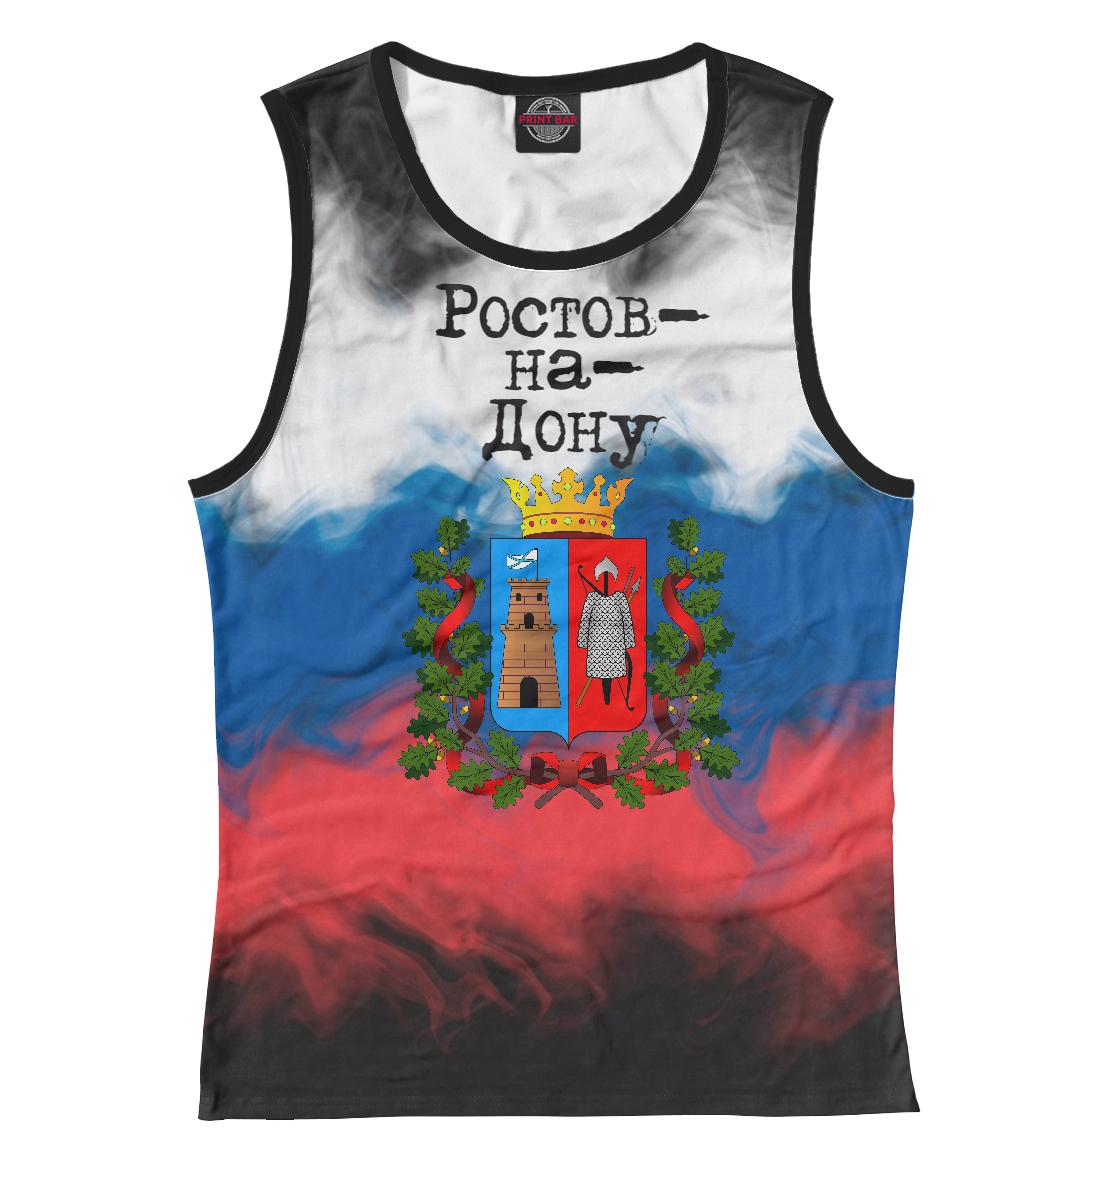 Купить Ростов-на-Дону, Printbar, Майки, VSY-605708-may-1